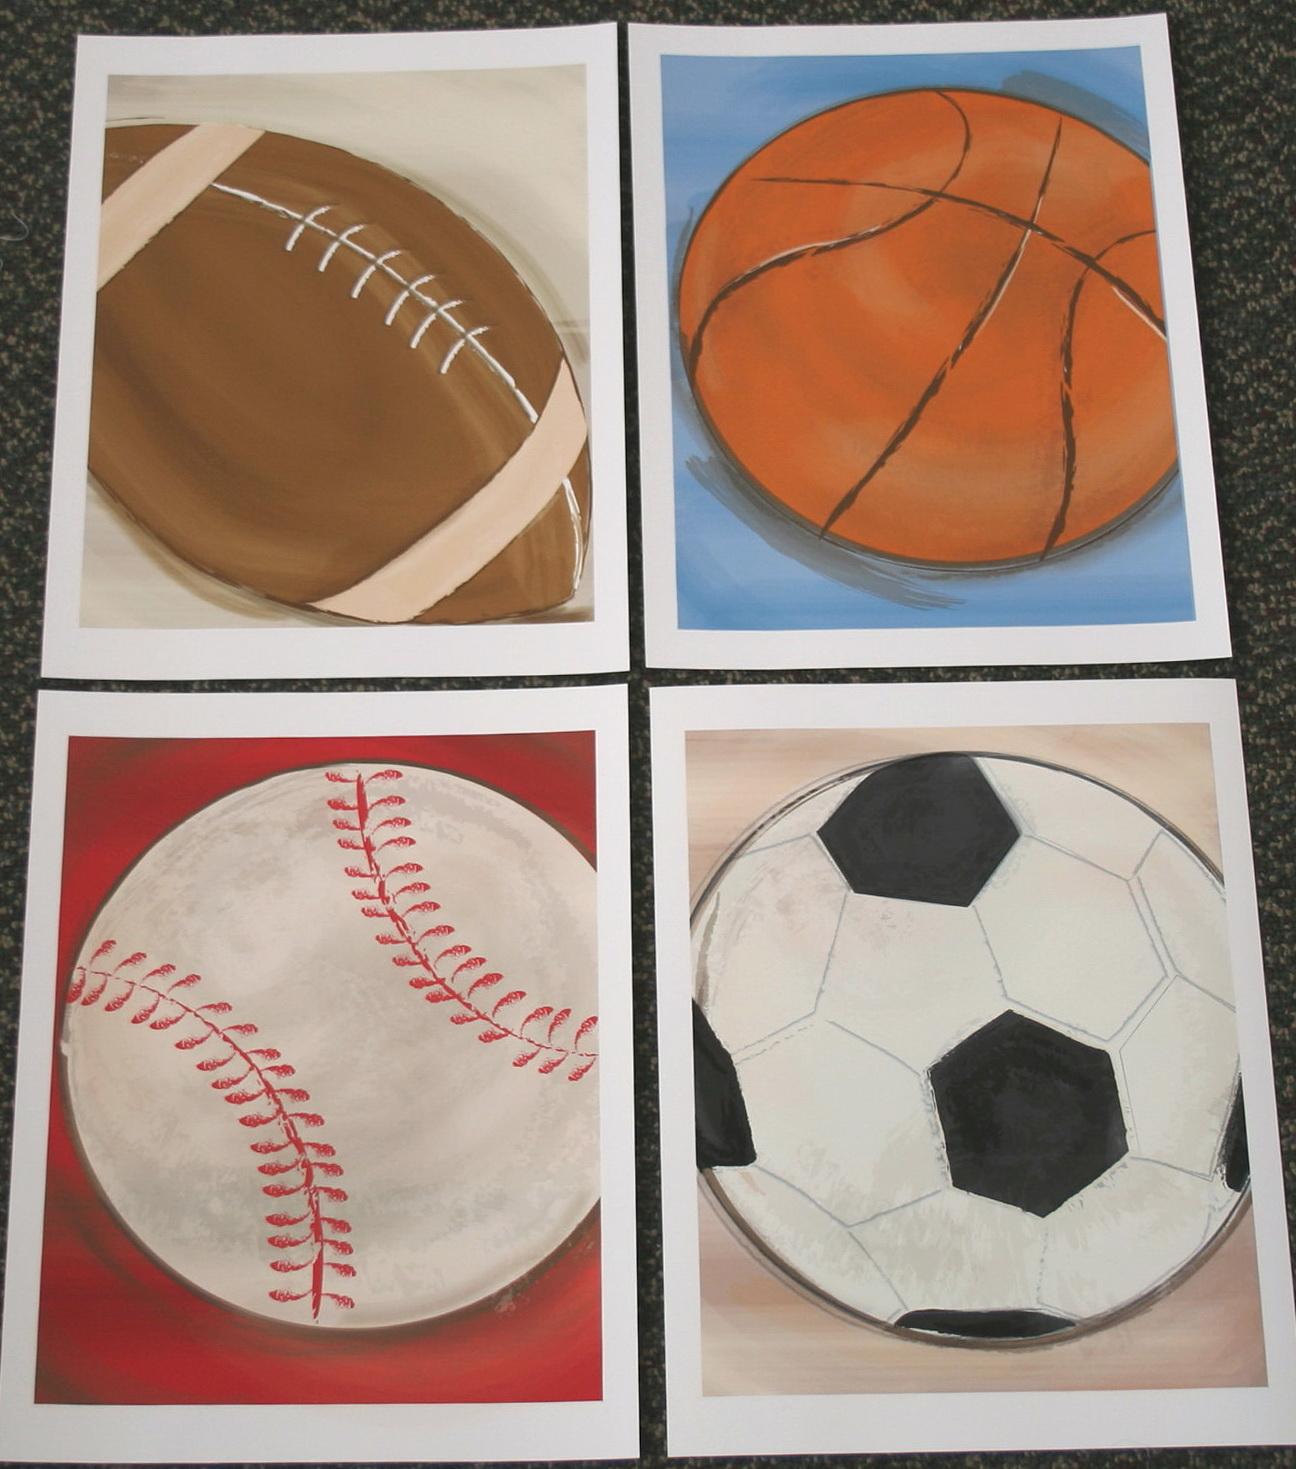 Baseball Wall Art Prints